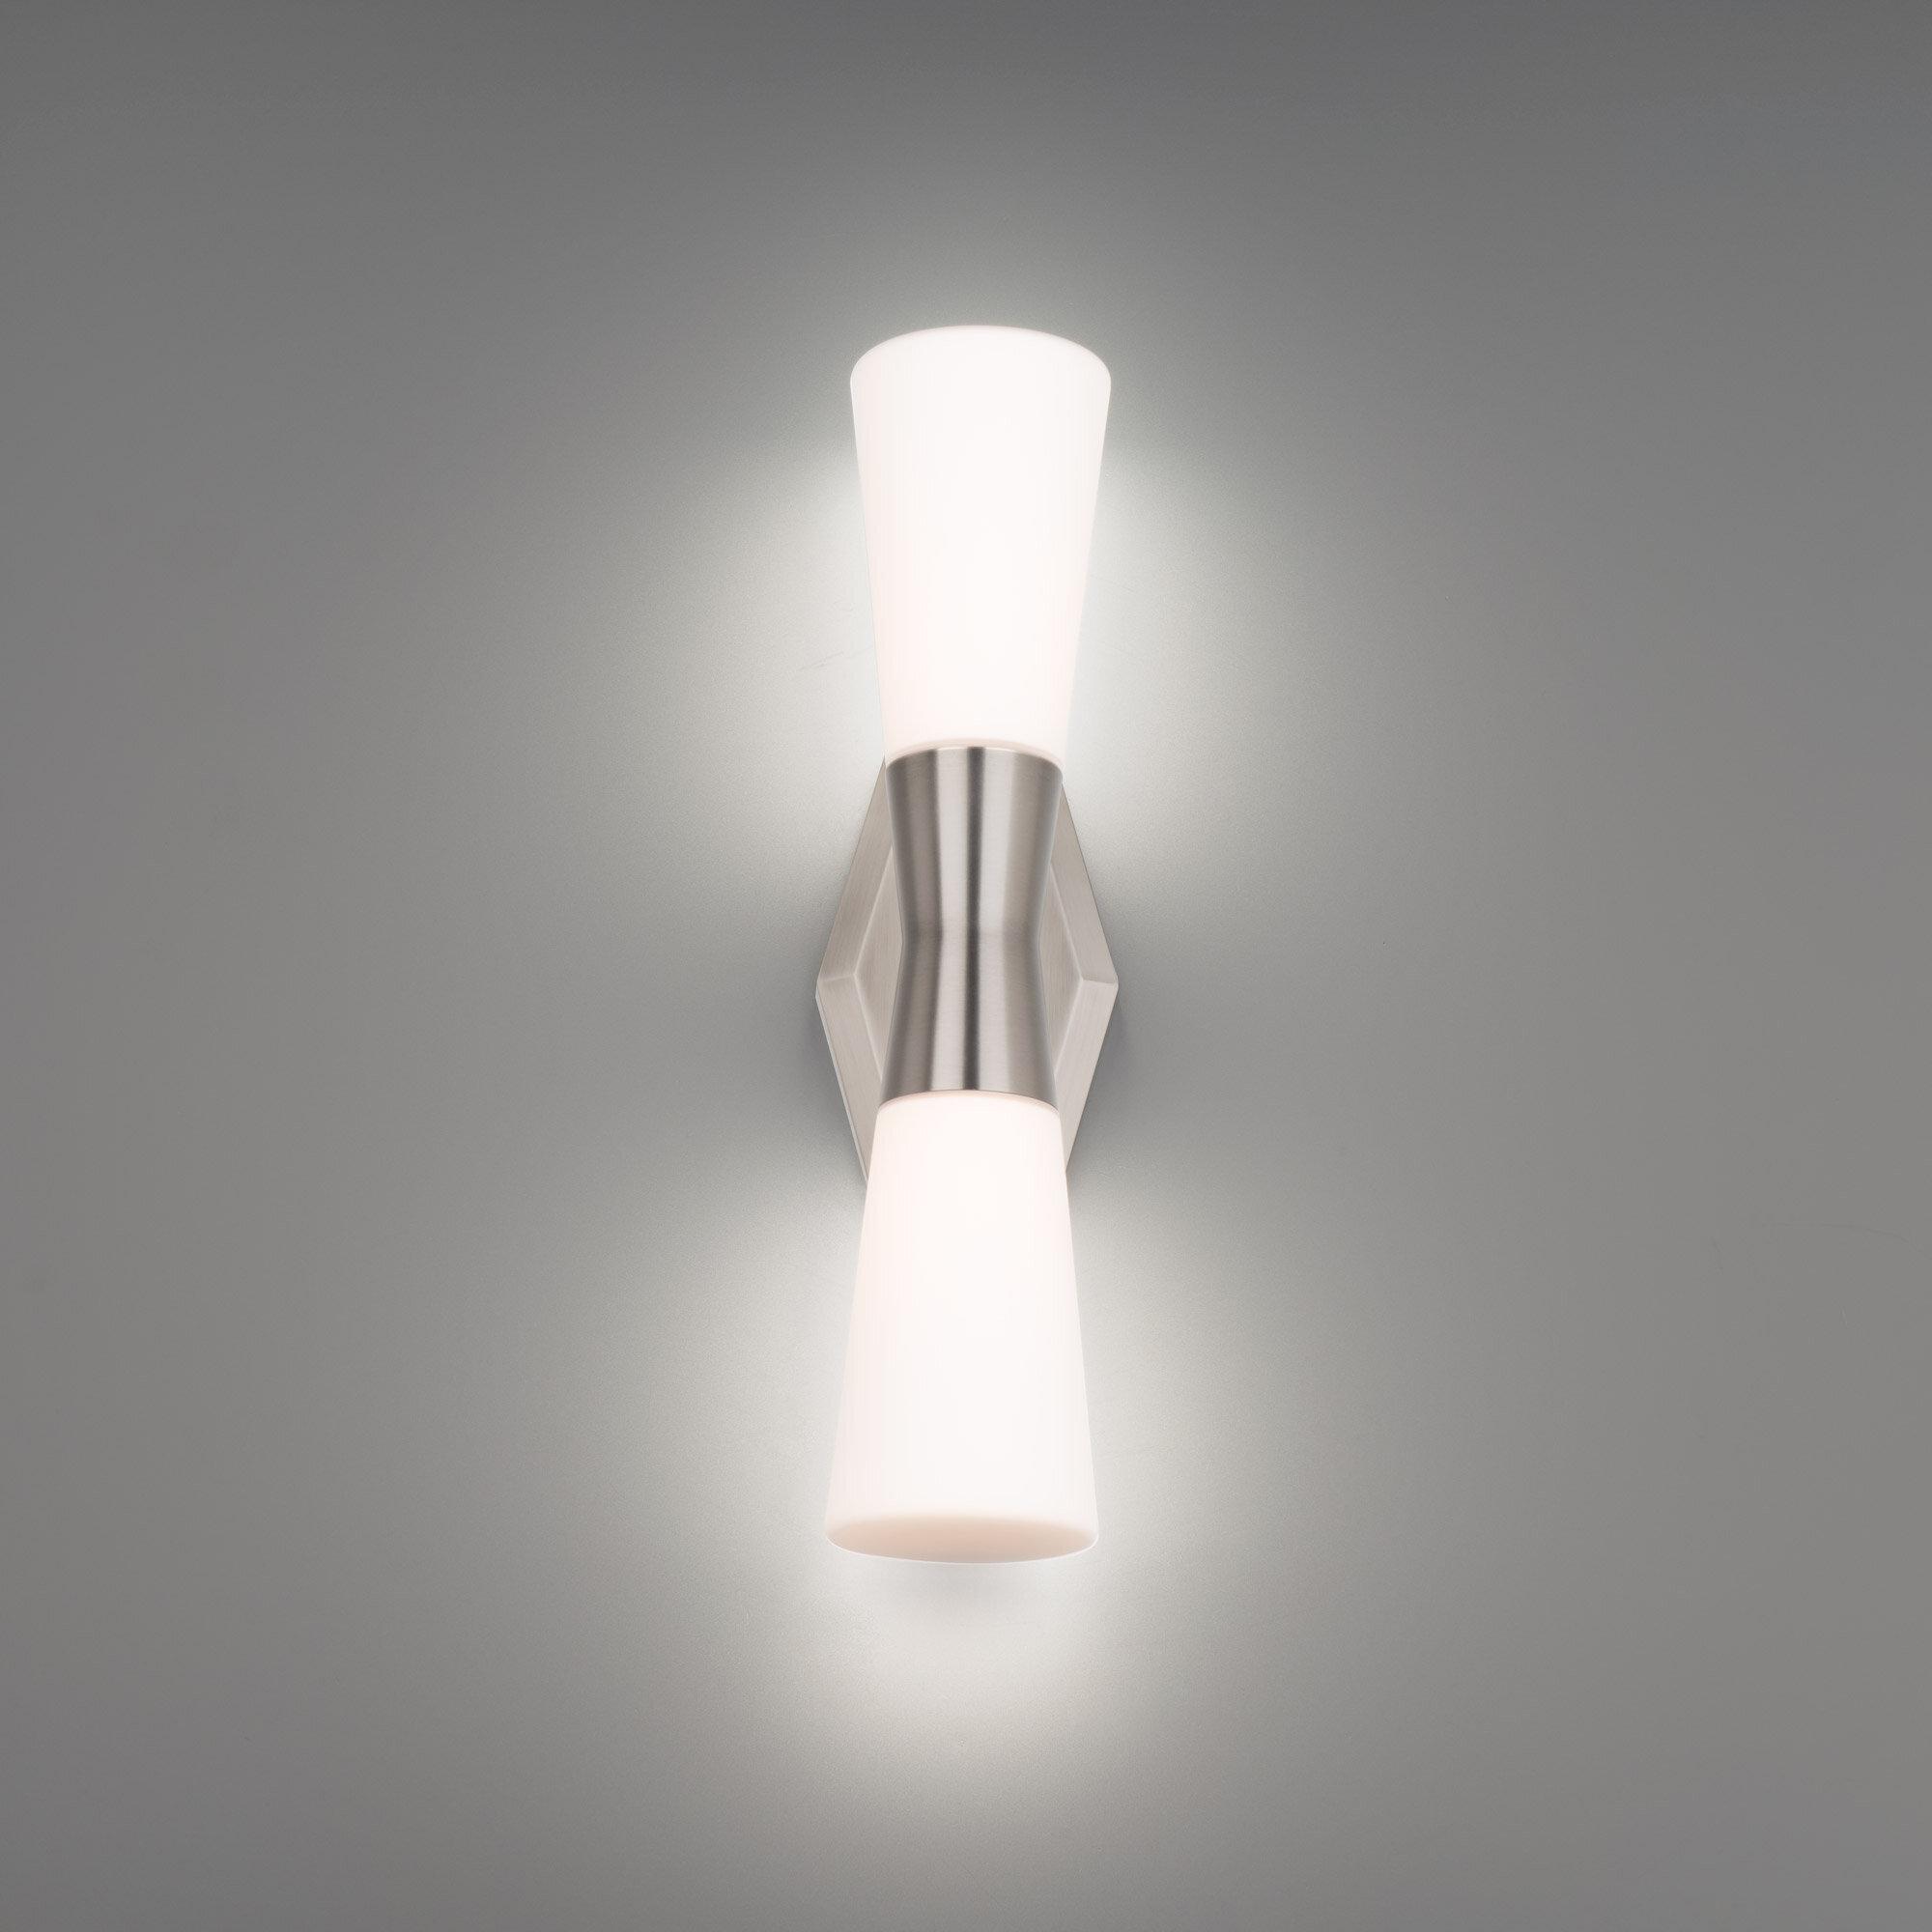 Mid Century Modern Vanity Light Bathroom Vanity Lighting You Ll Love In 2021 Wayfair